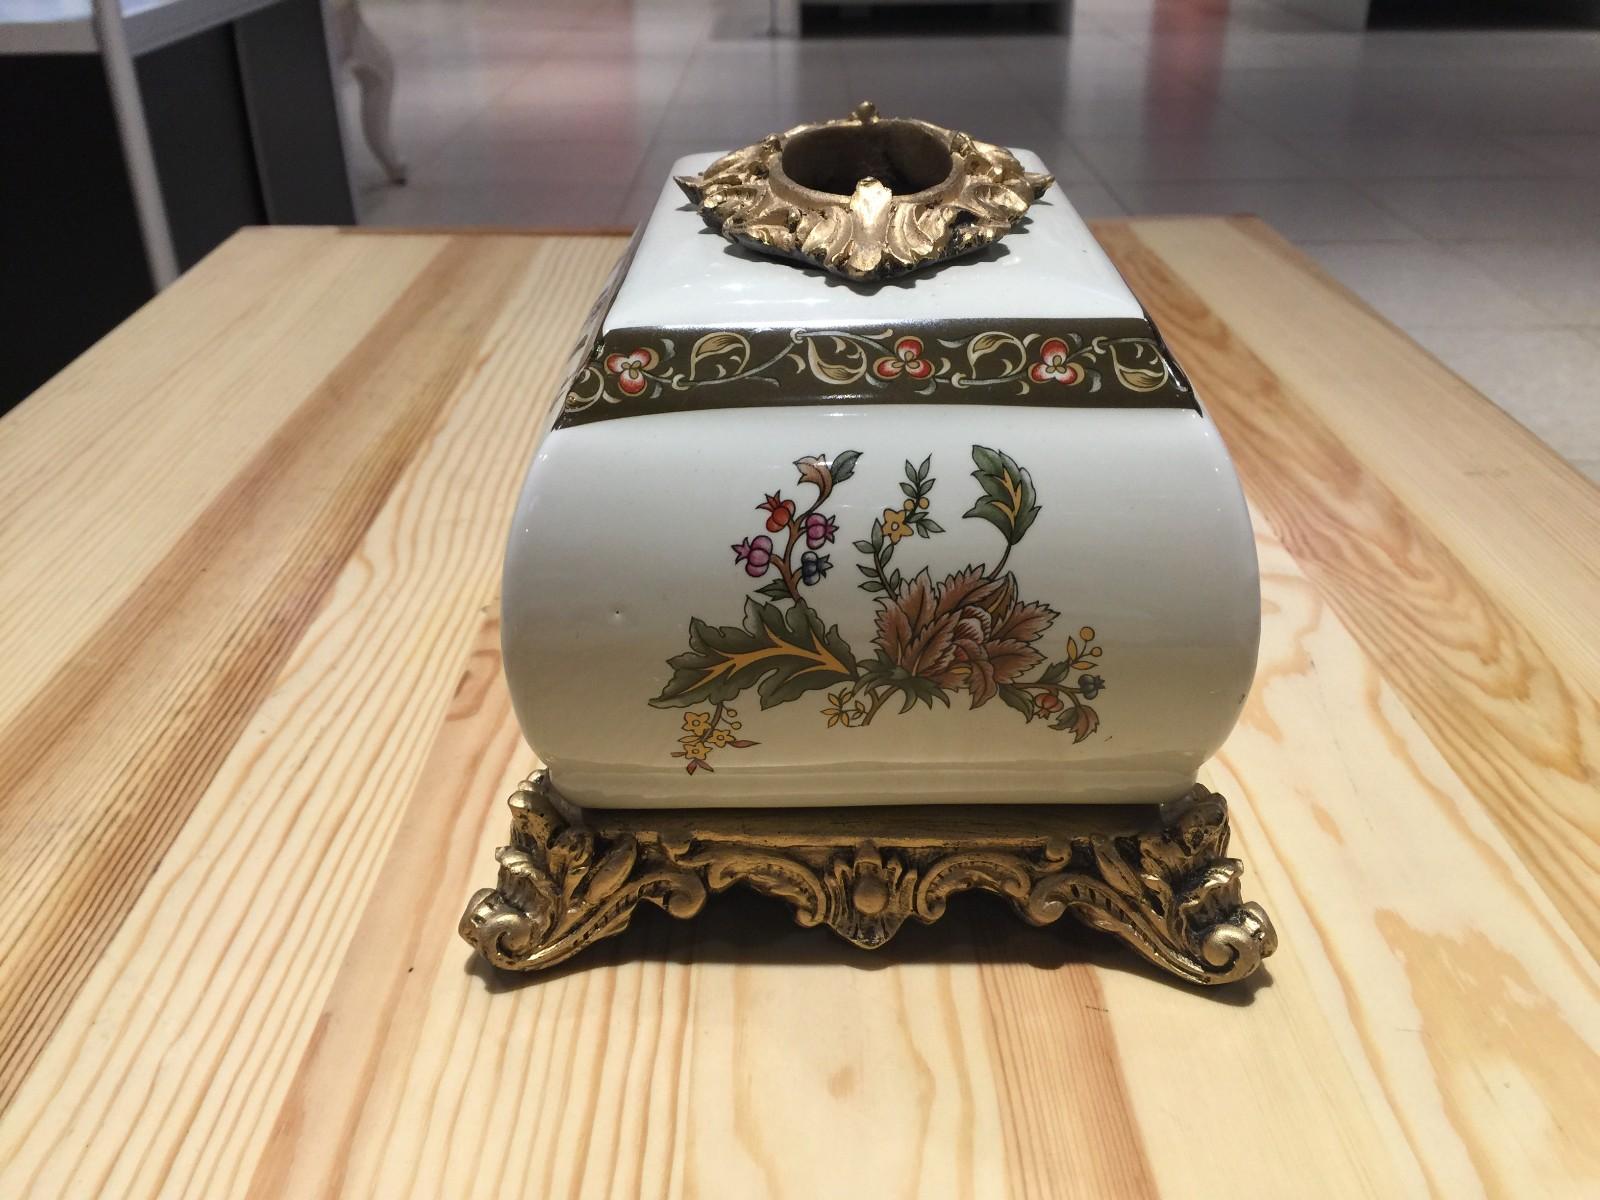 俄罗斯牙瓷纸巾盒 收纳盒 装饰摆件 批发 团购图片八